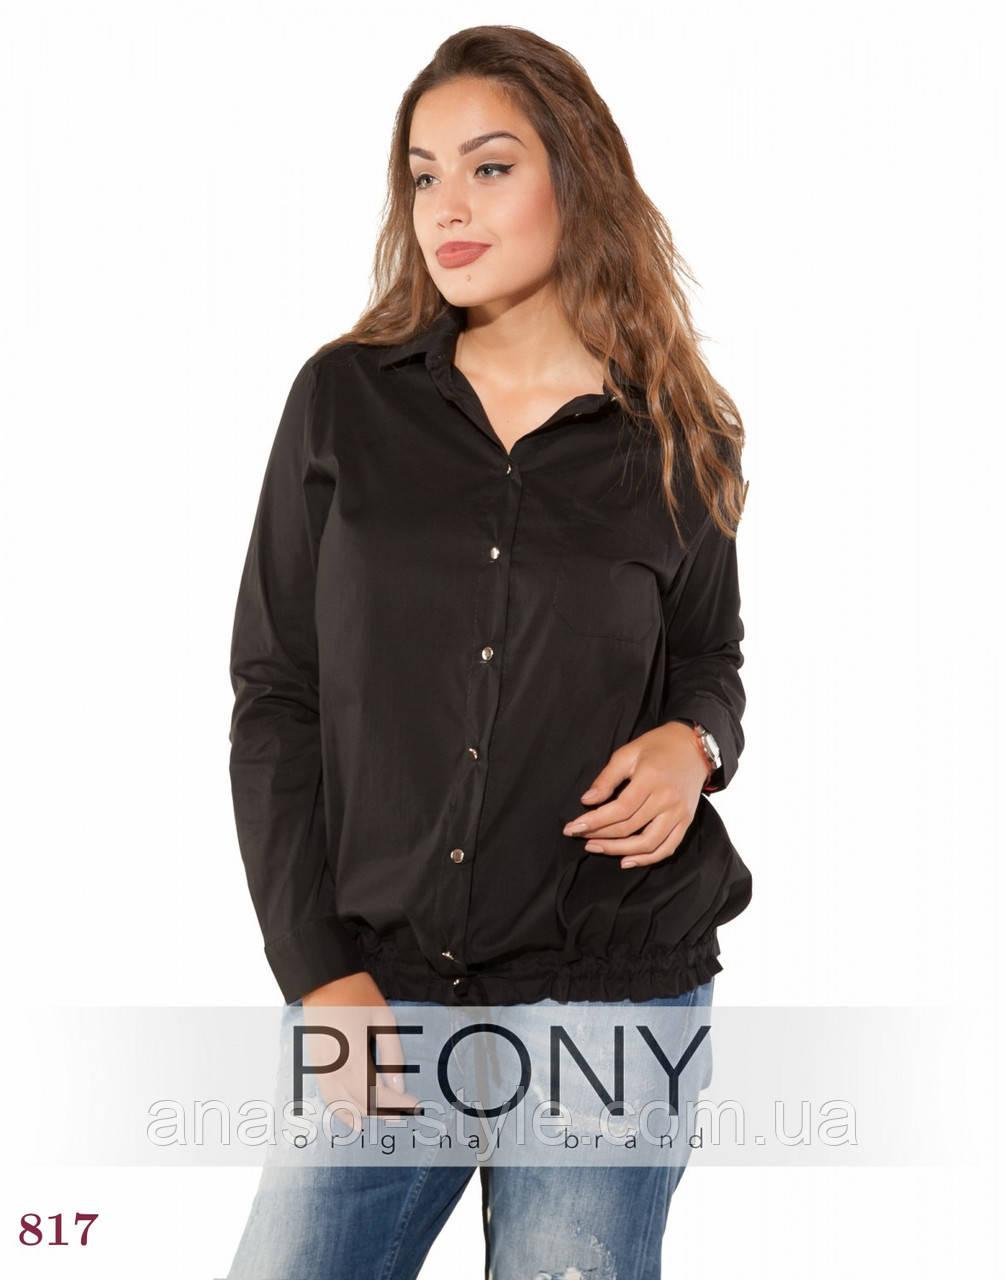 Женская рубашка Лаванья (50 размер, черный) ТМ «PEONY»